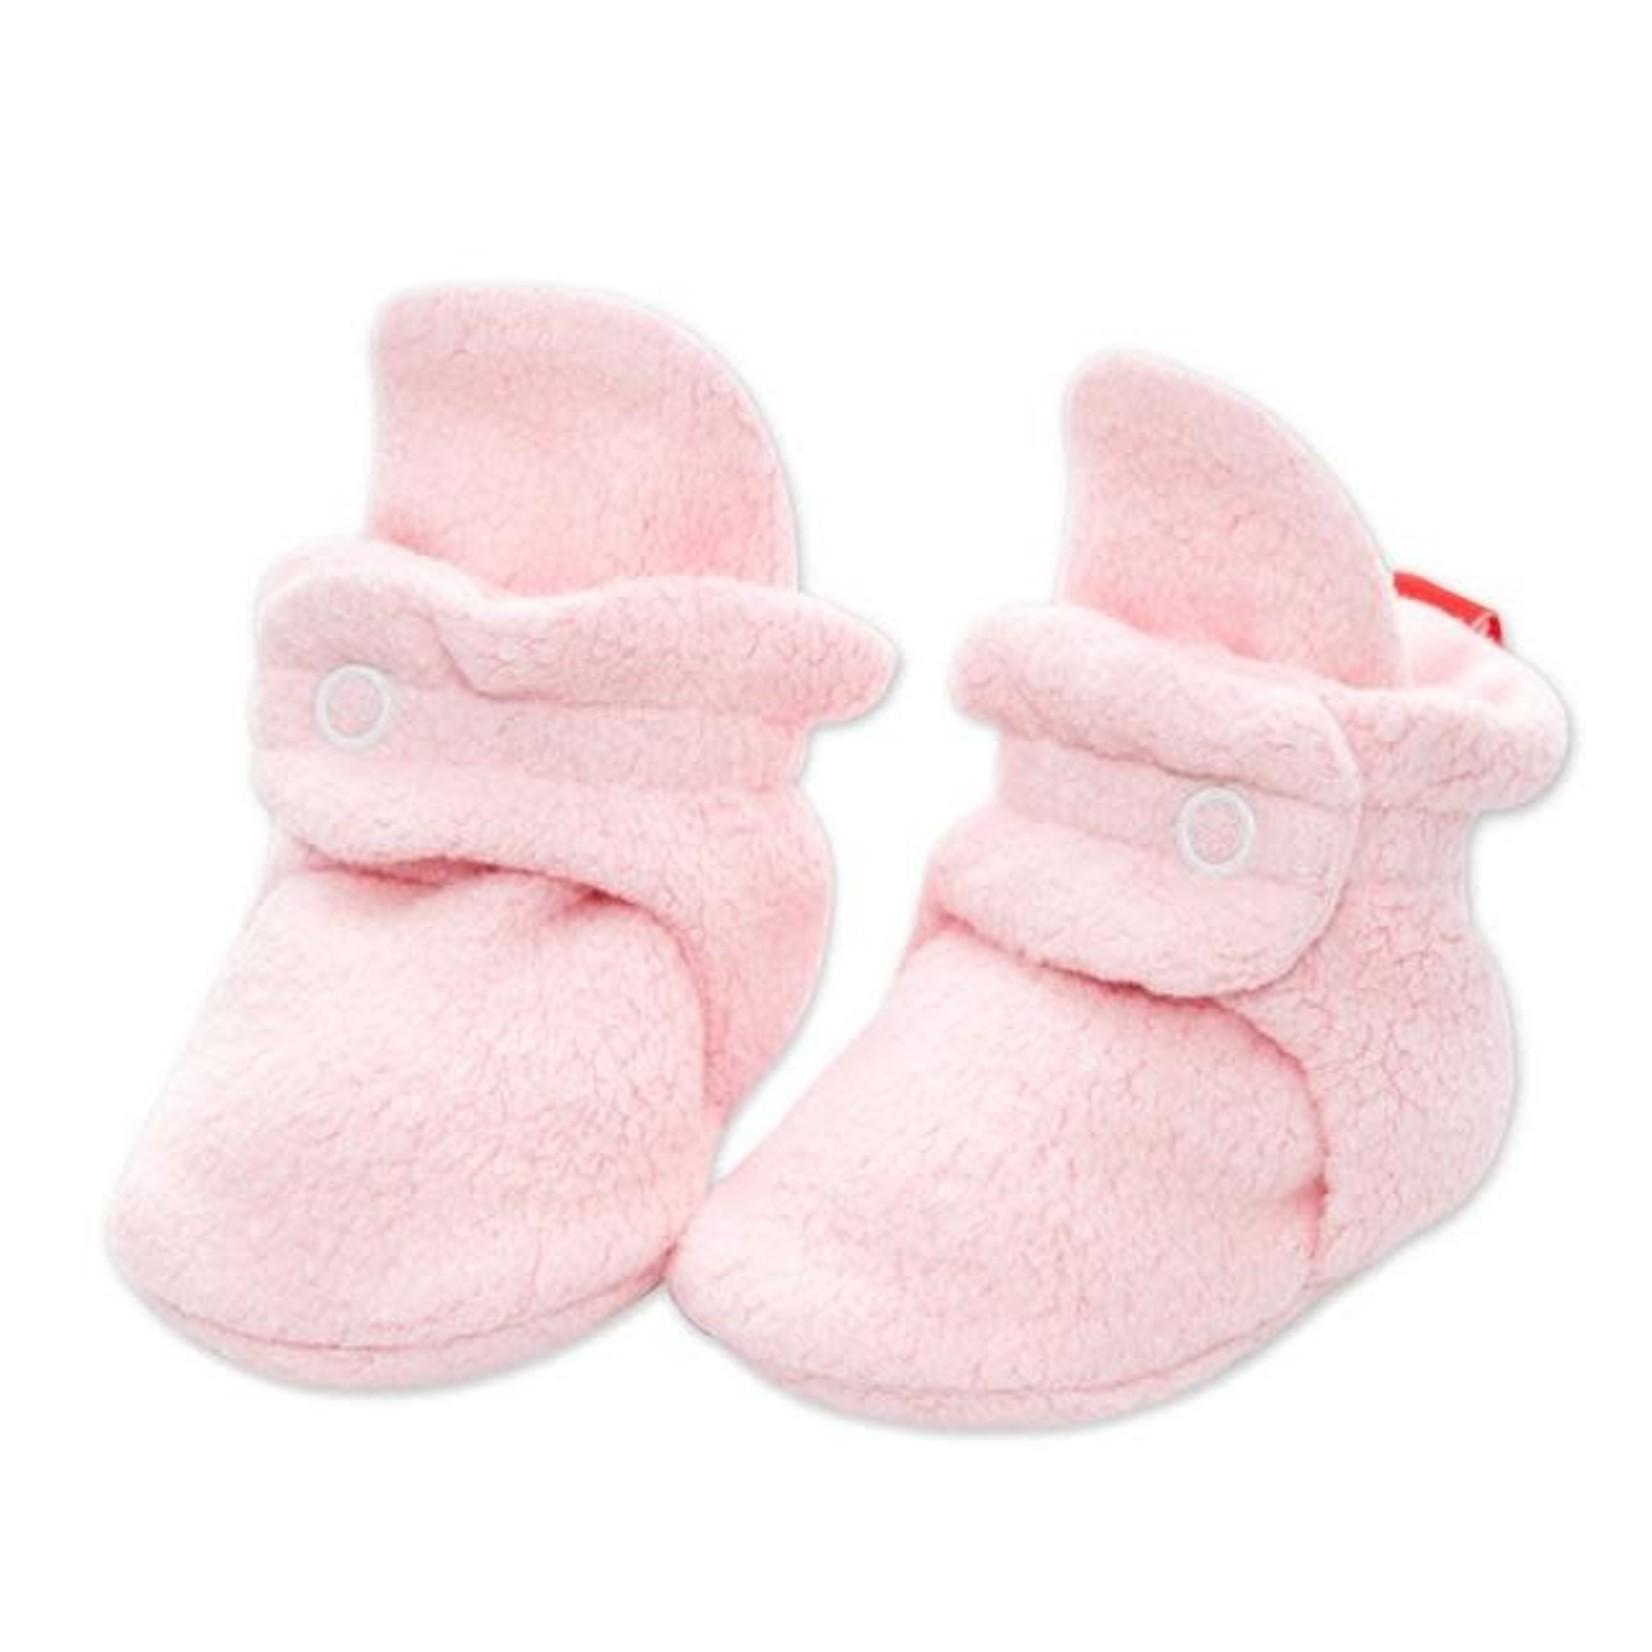 Zutano Cozie Fleece Bootie - Baby Pink 6M